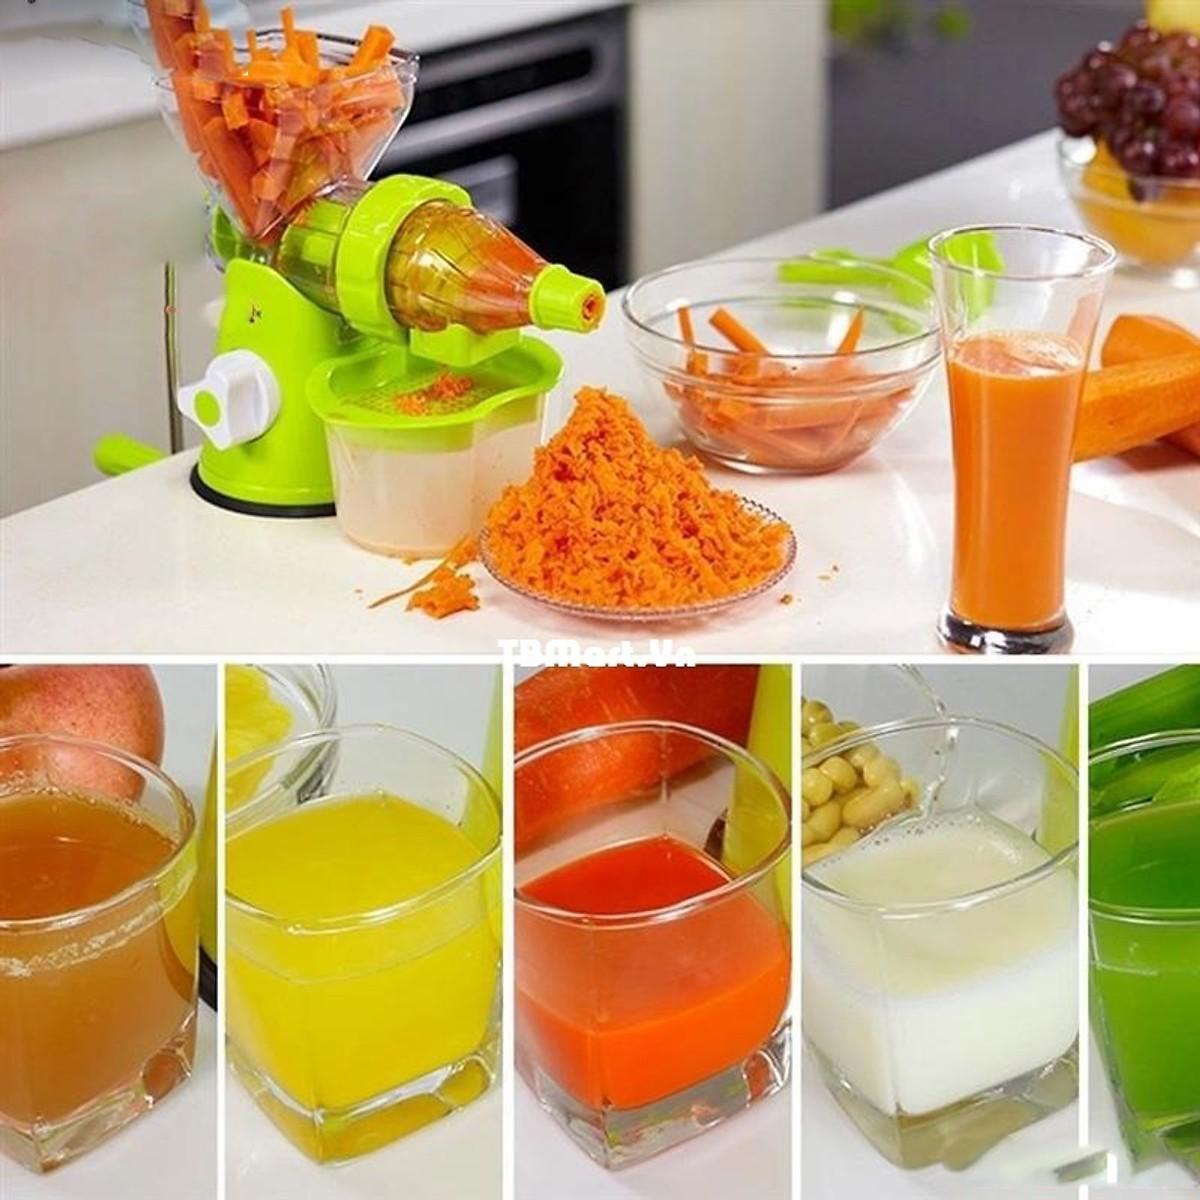 Bộ xay thực phẩm và ép hoa quả đa năng